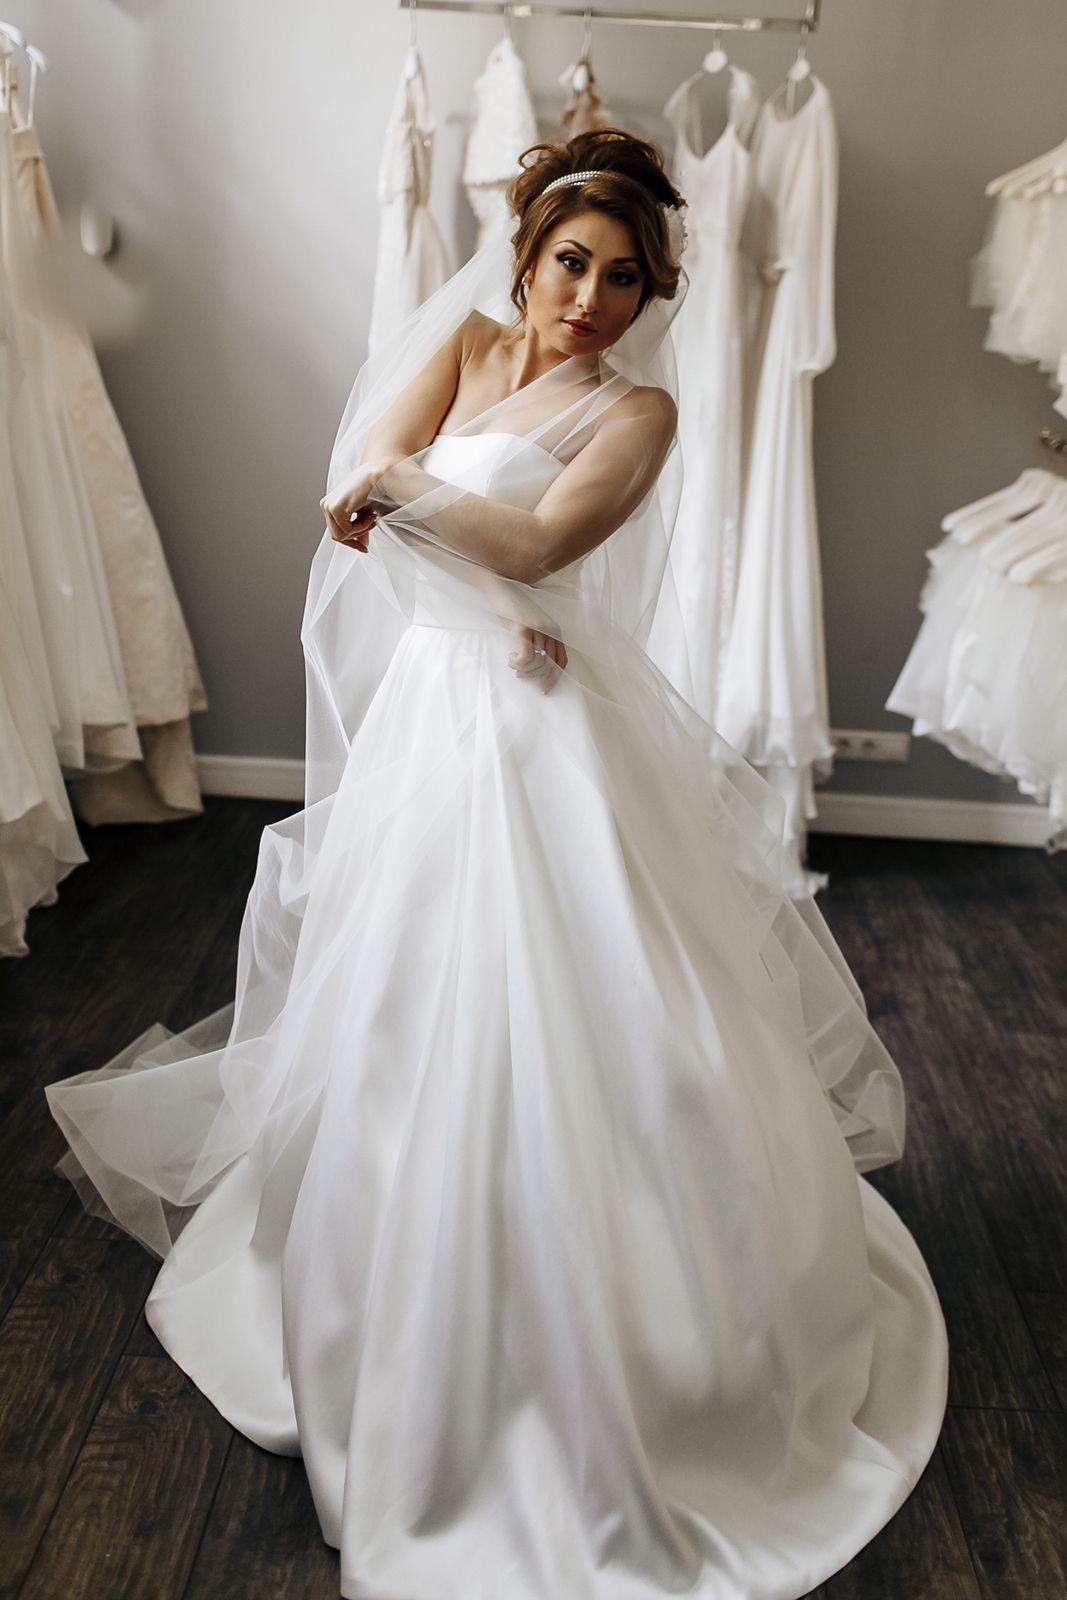 В образе нашей героини, стилист, свадебный организатор и руководитель свадебного салона учли все необходимые факторы. Невеста выглядит великолепно